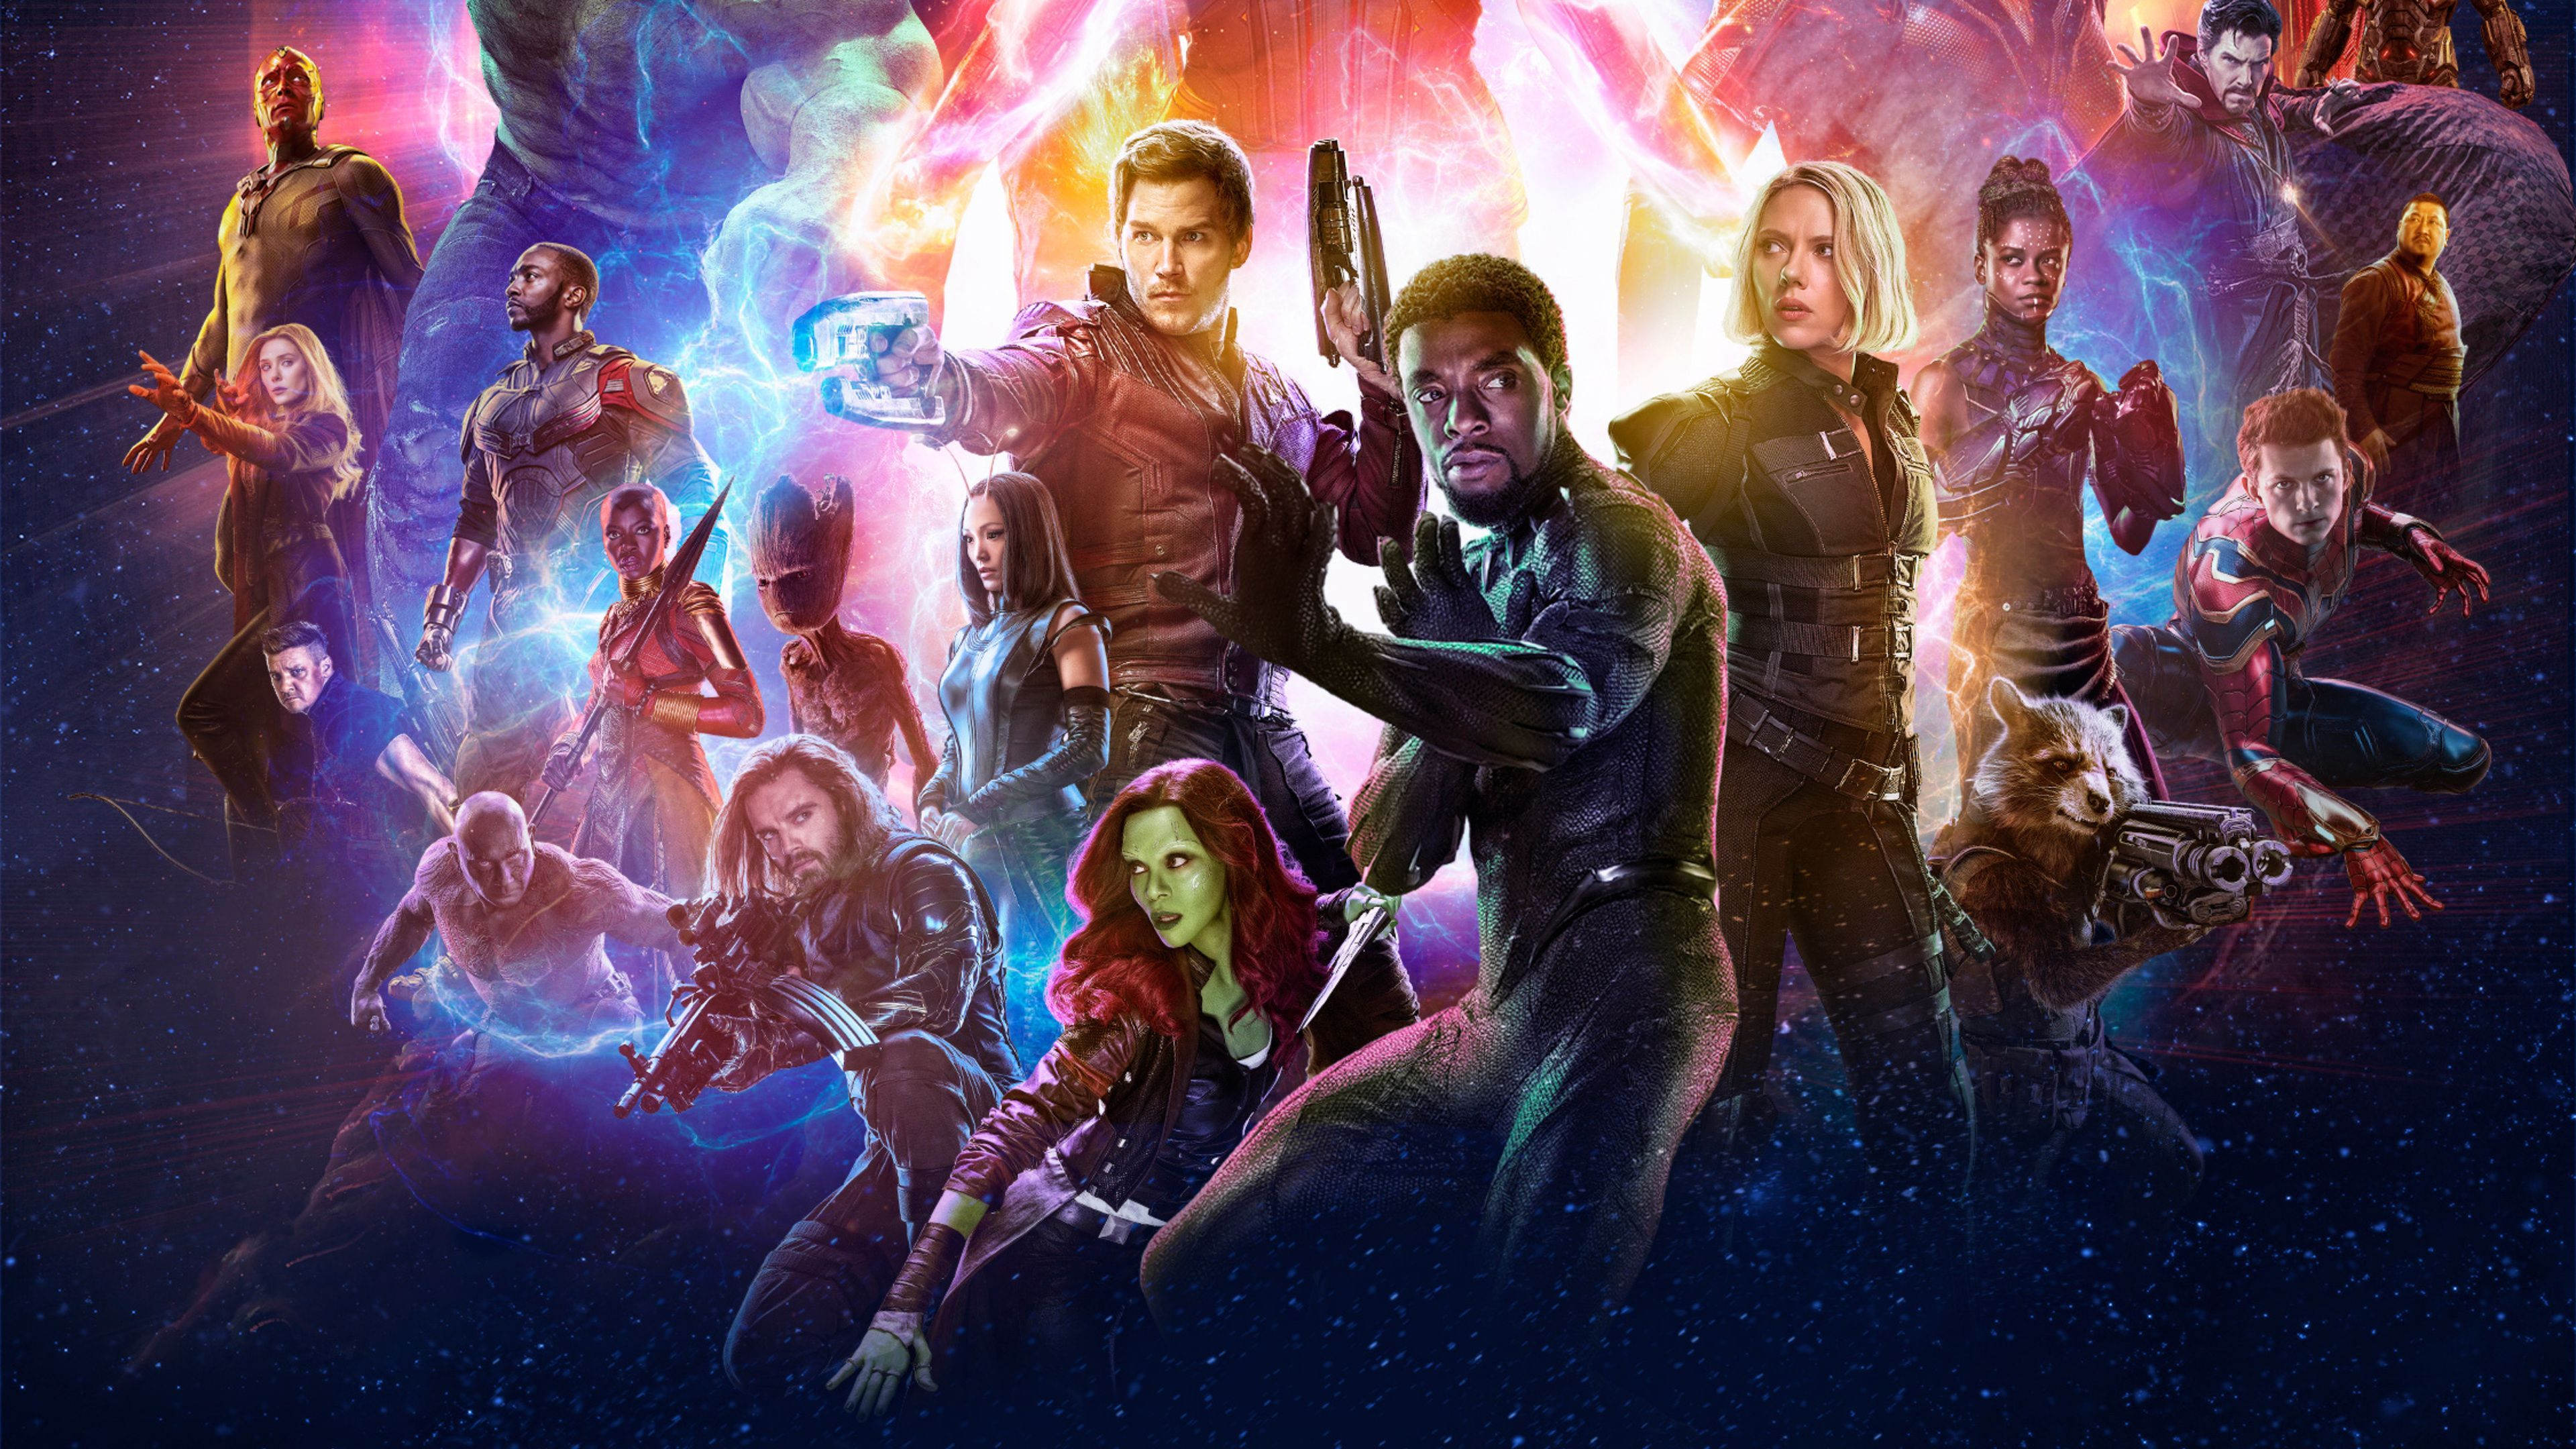 Avengers Endgame 4k Wallpapers Top Free Avengers Endgame 4k